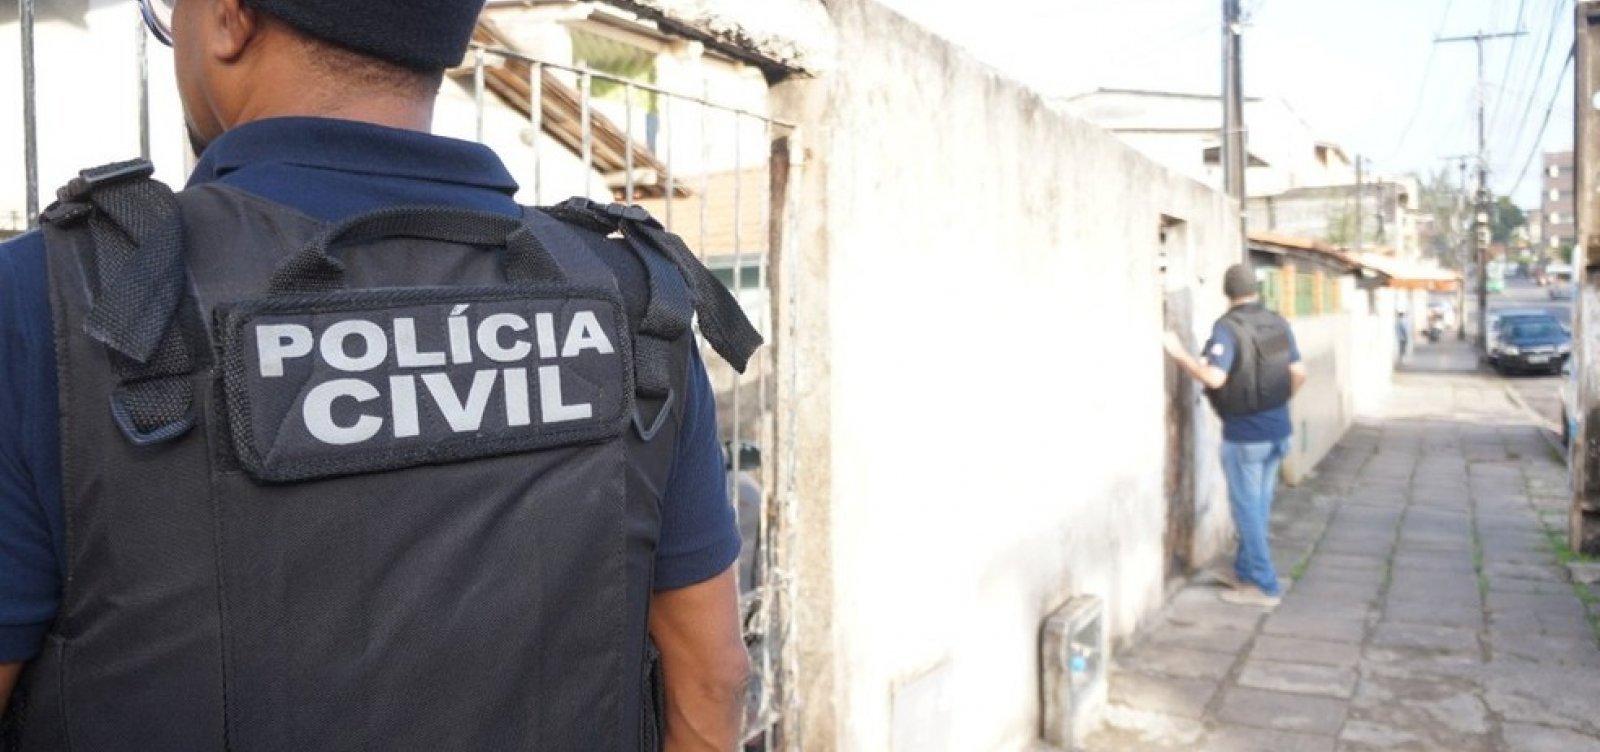 Salvador e região metropolitana registram 15 assassinatos no final de semana